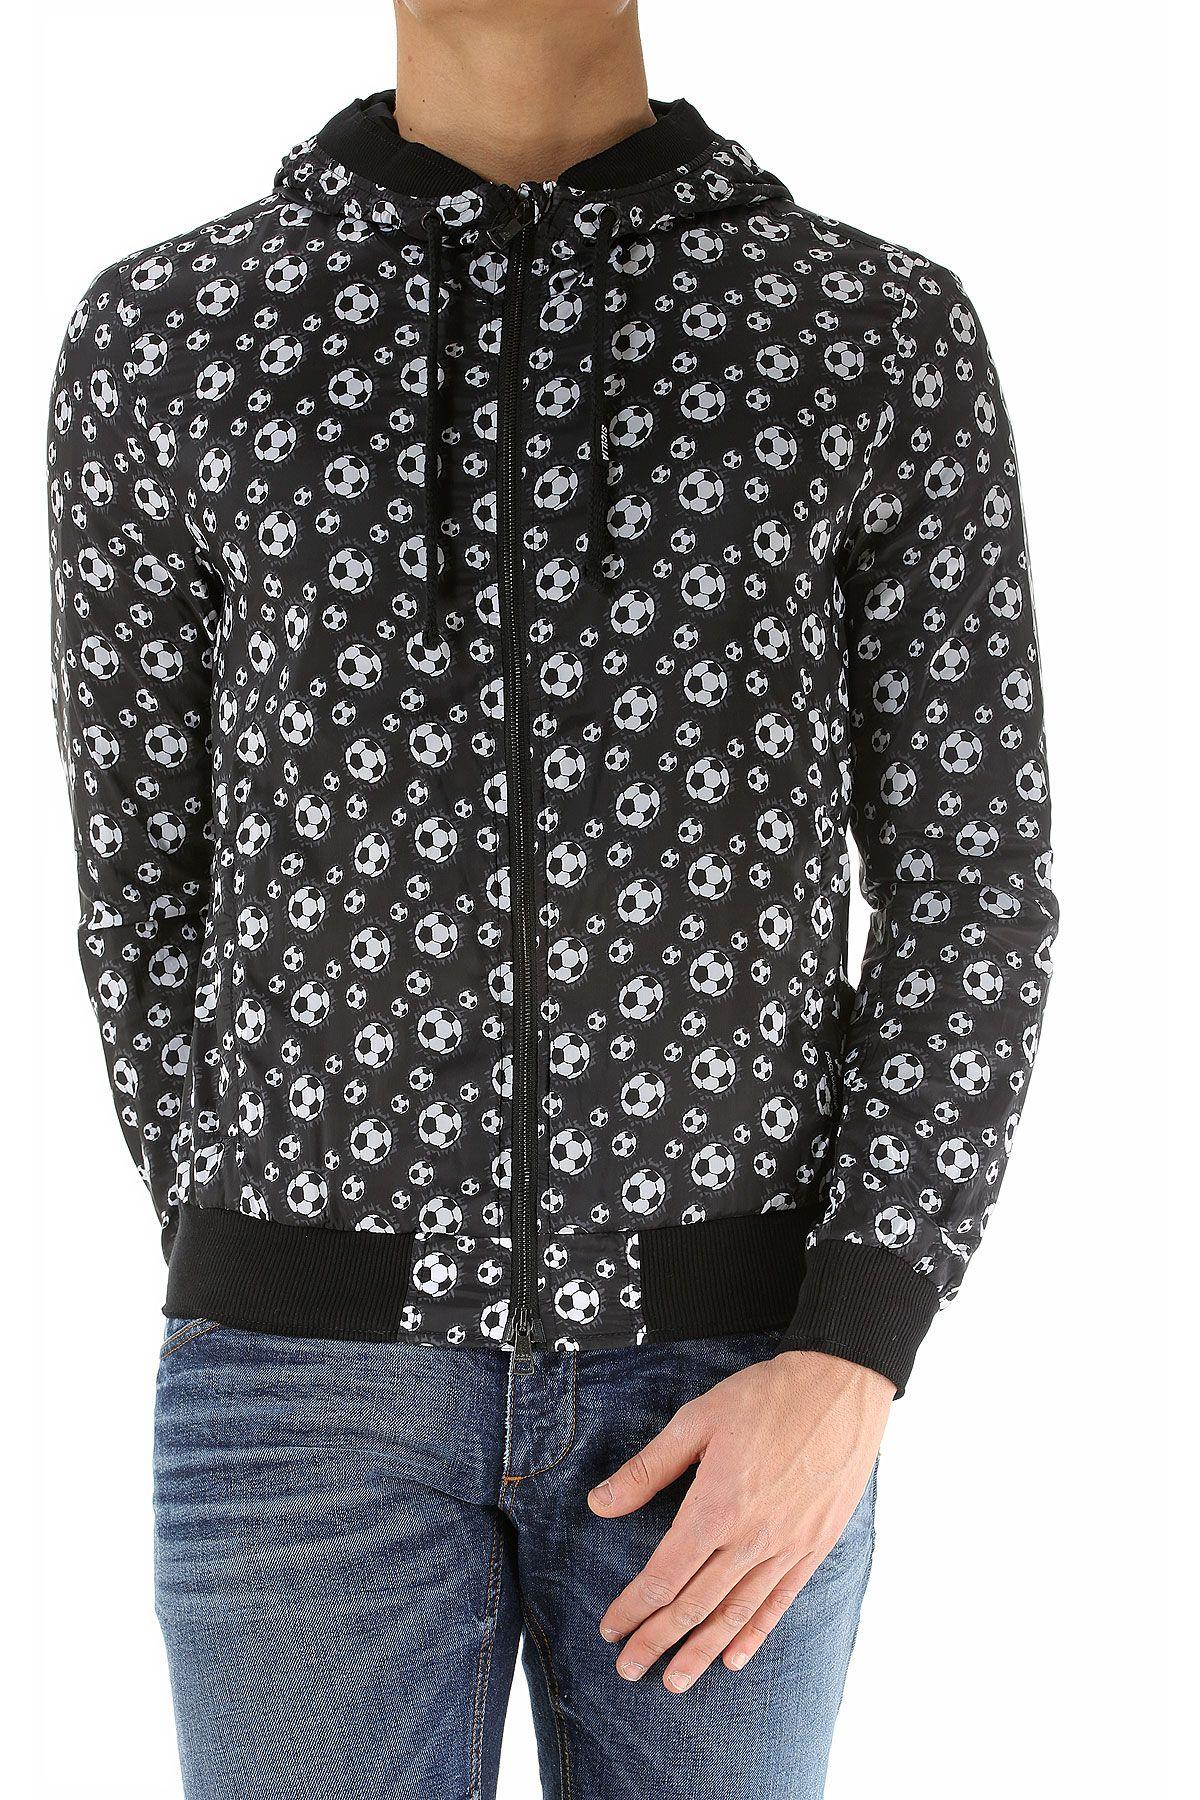 Roupas para Homem Dolce & Gabbana, Detalhe do Modelo: g9x30g-g7h08-s9000